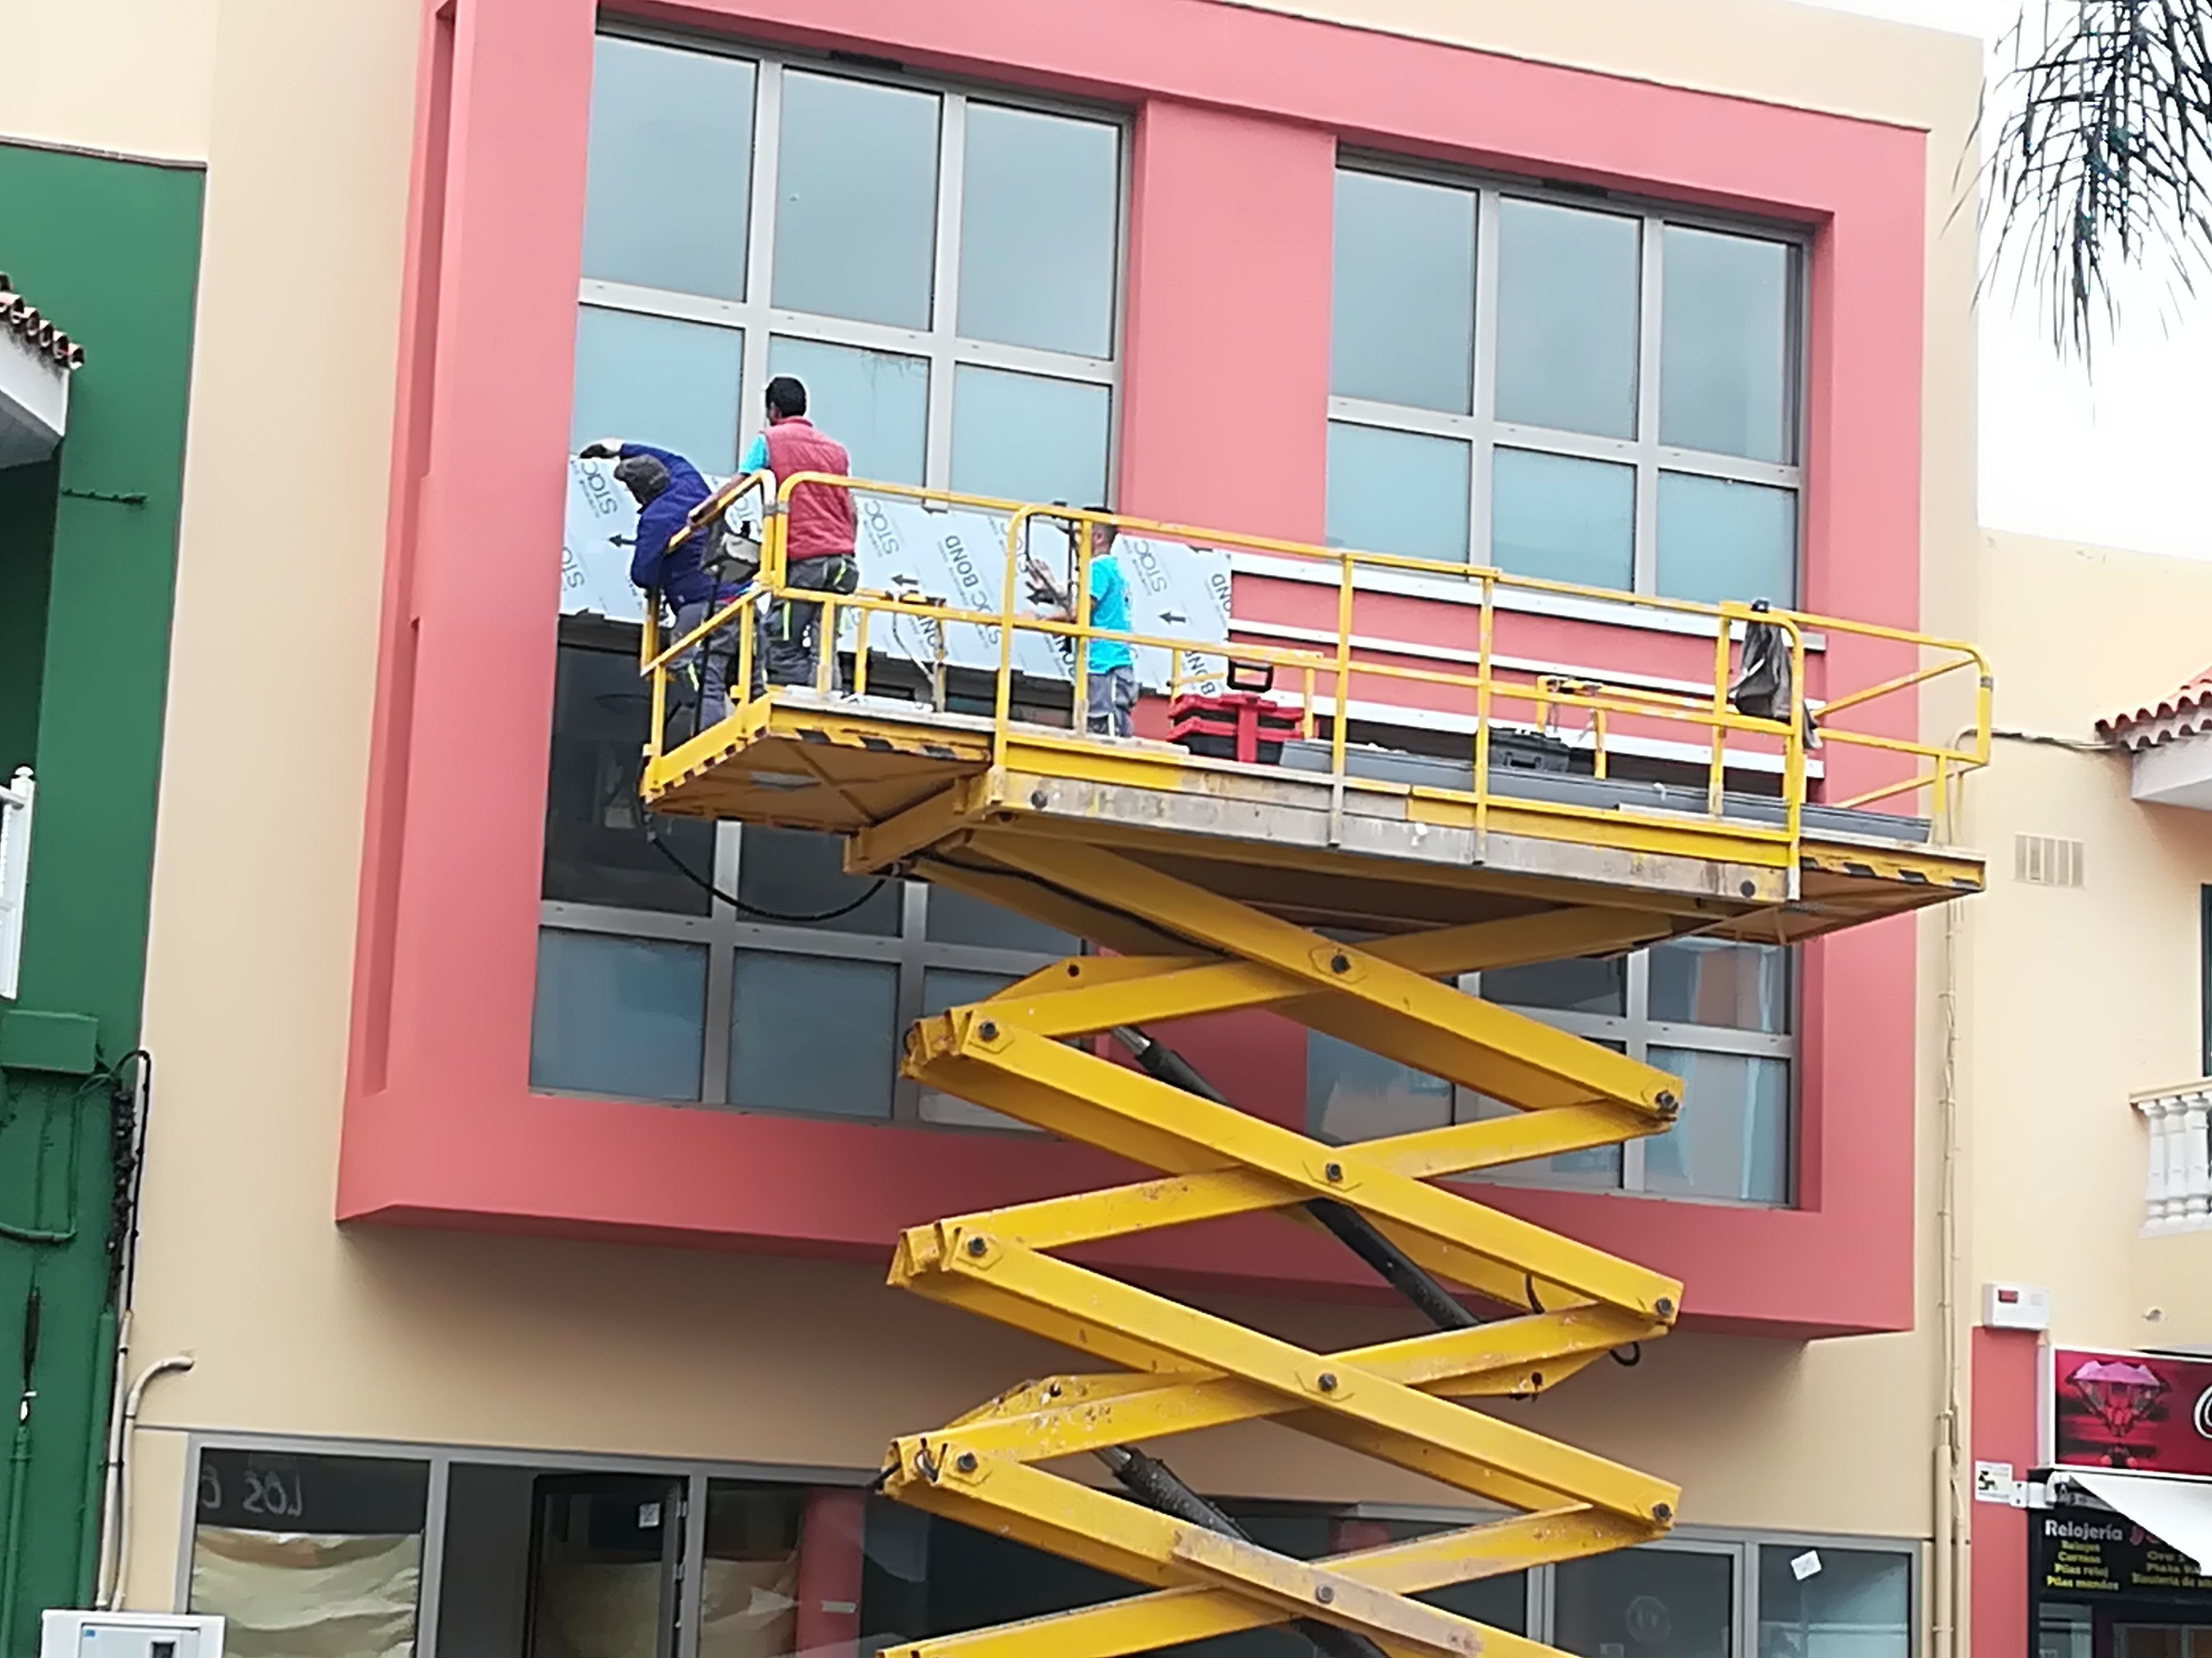 Foto 2 de Carpintería de aluminio, metálica y PVC en Santa Cruz de Tenerife | Tomás León Fernández